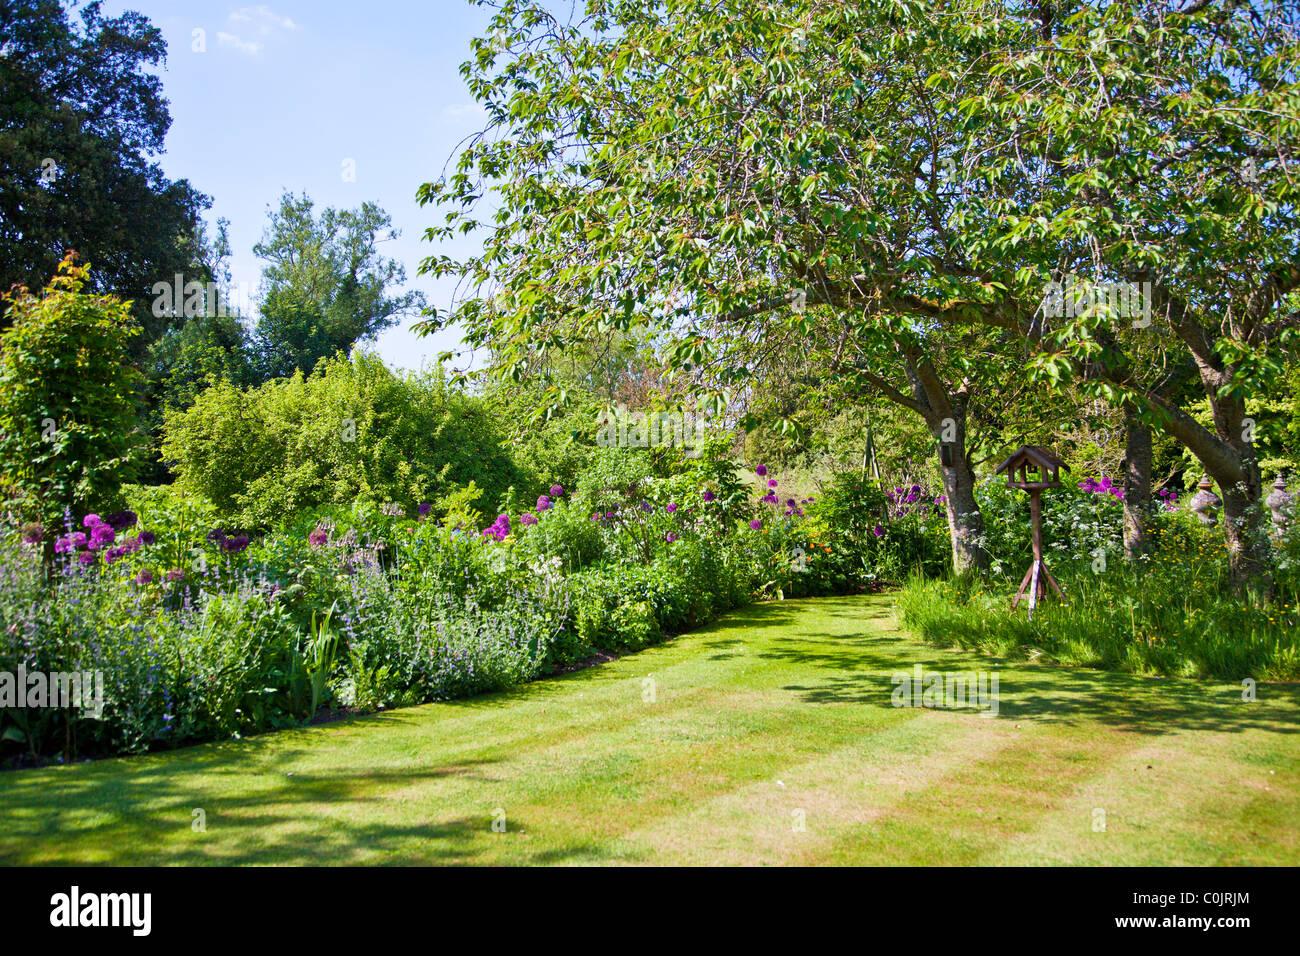 Aiuole o letti attorno un prato stripey in un paese di lingua inglese giardino in estate con legno bird tabella riportata sotto gli alberi. Foto Stock